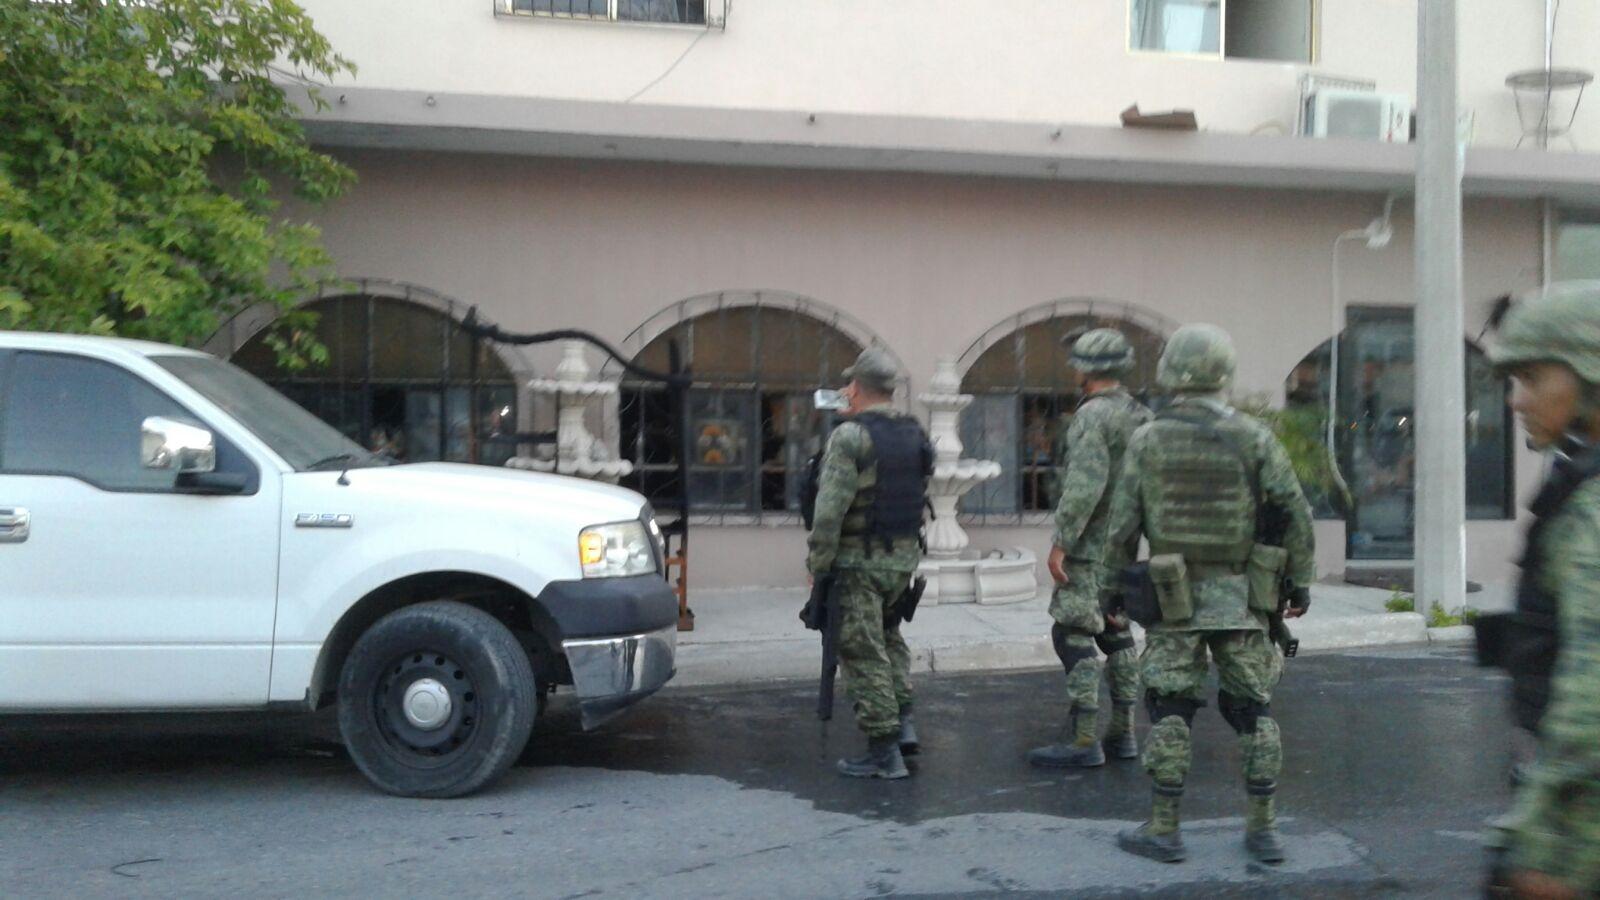 MILITARES. Al lugar del incendio, también arribaron elementos militares para indagar cuales eran las razones del incendio. (Foto: Heriberto Rodríguez)